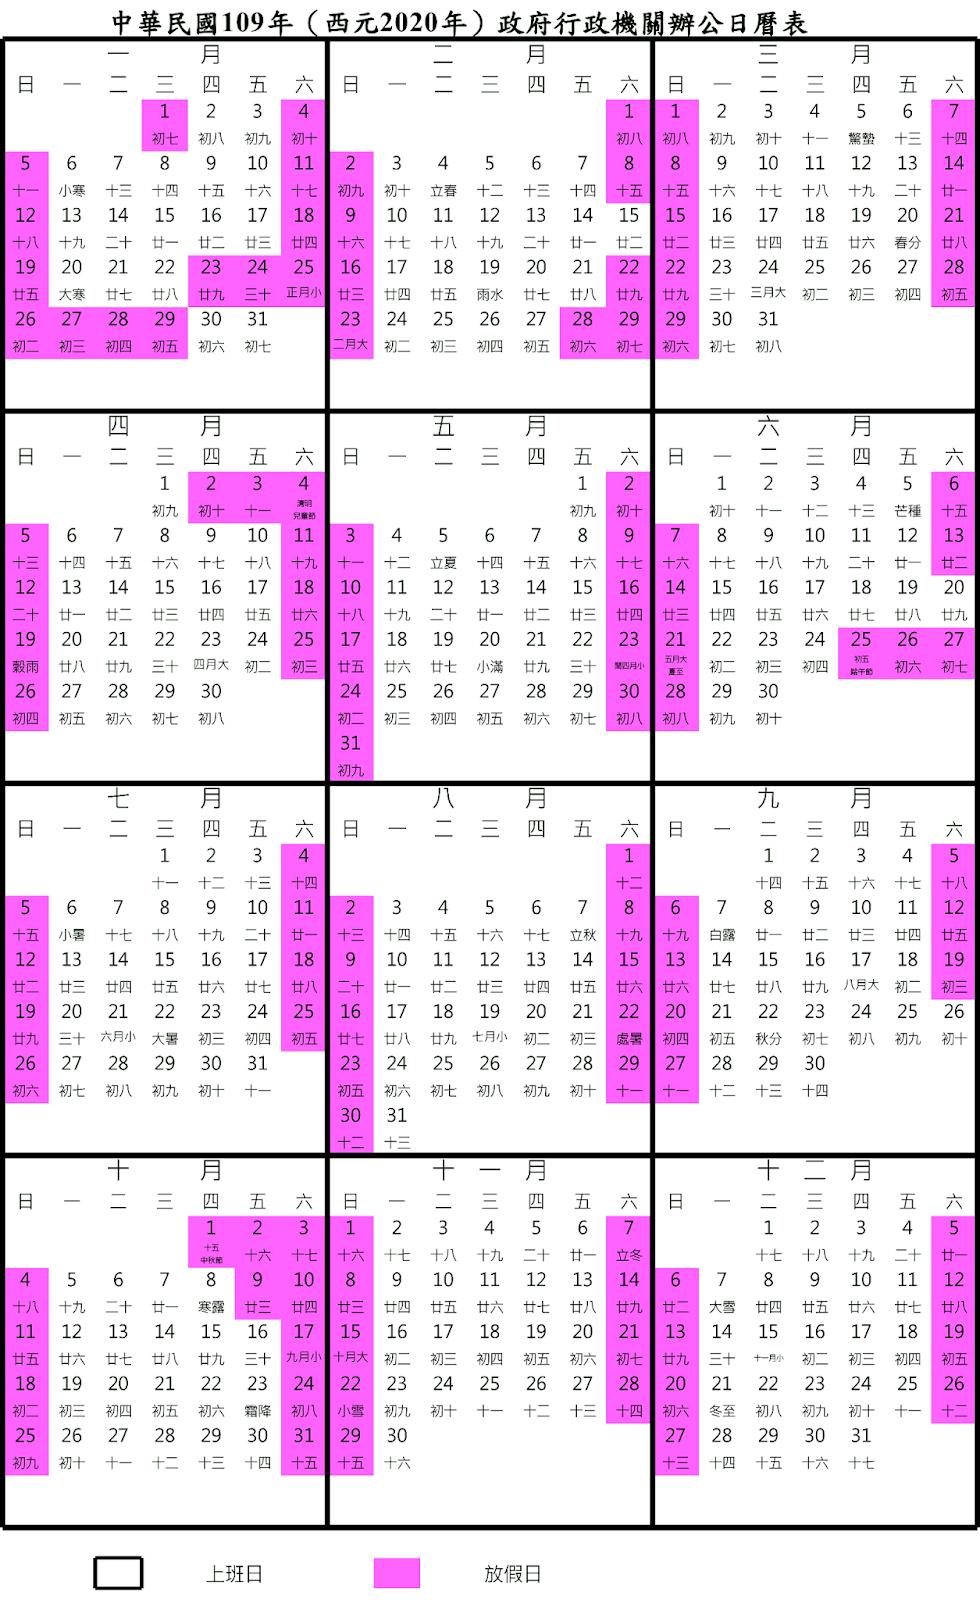 109年政府行政機關辦公日曆表。2020 三天以上連續假期六次 - 逍遙の窩|Zi 字媒體